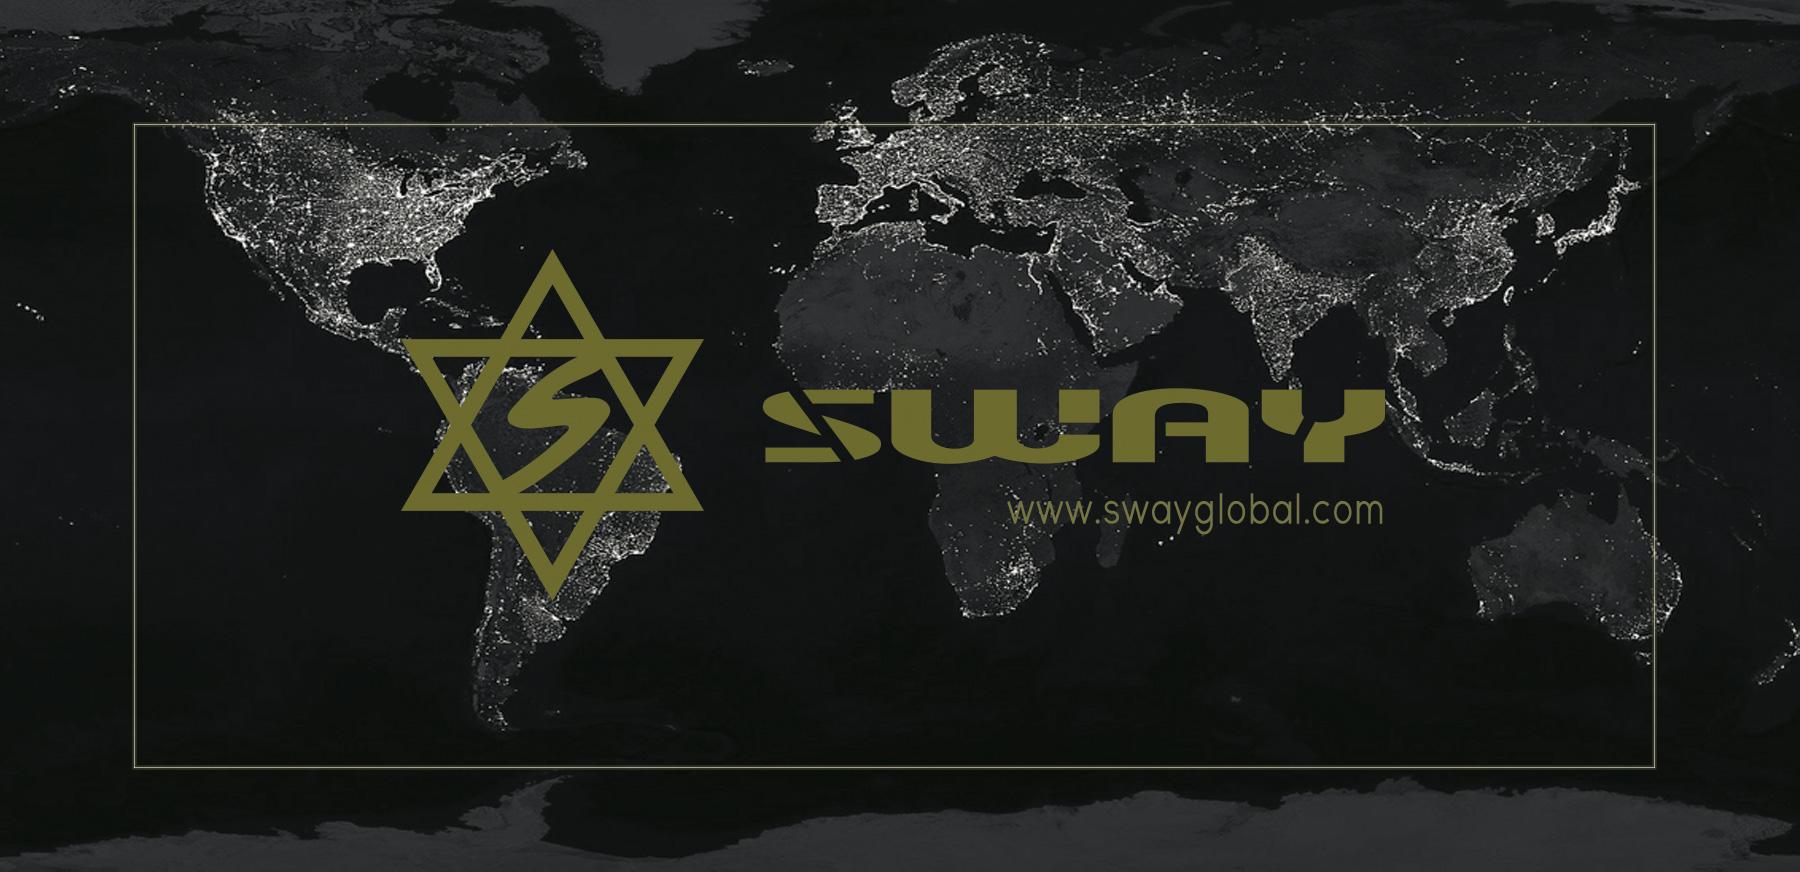 SWAY Global